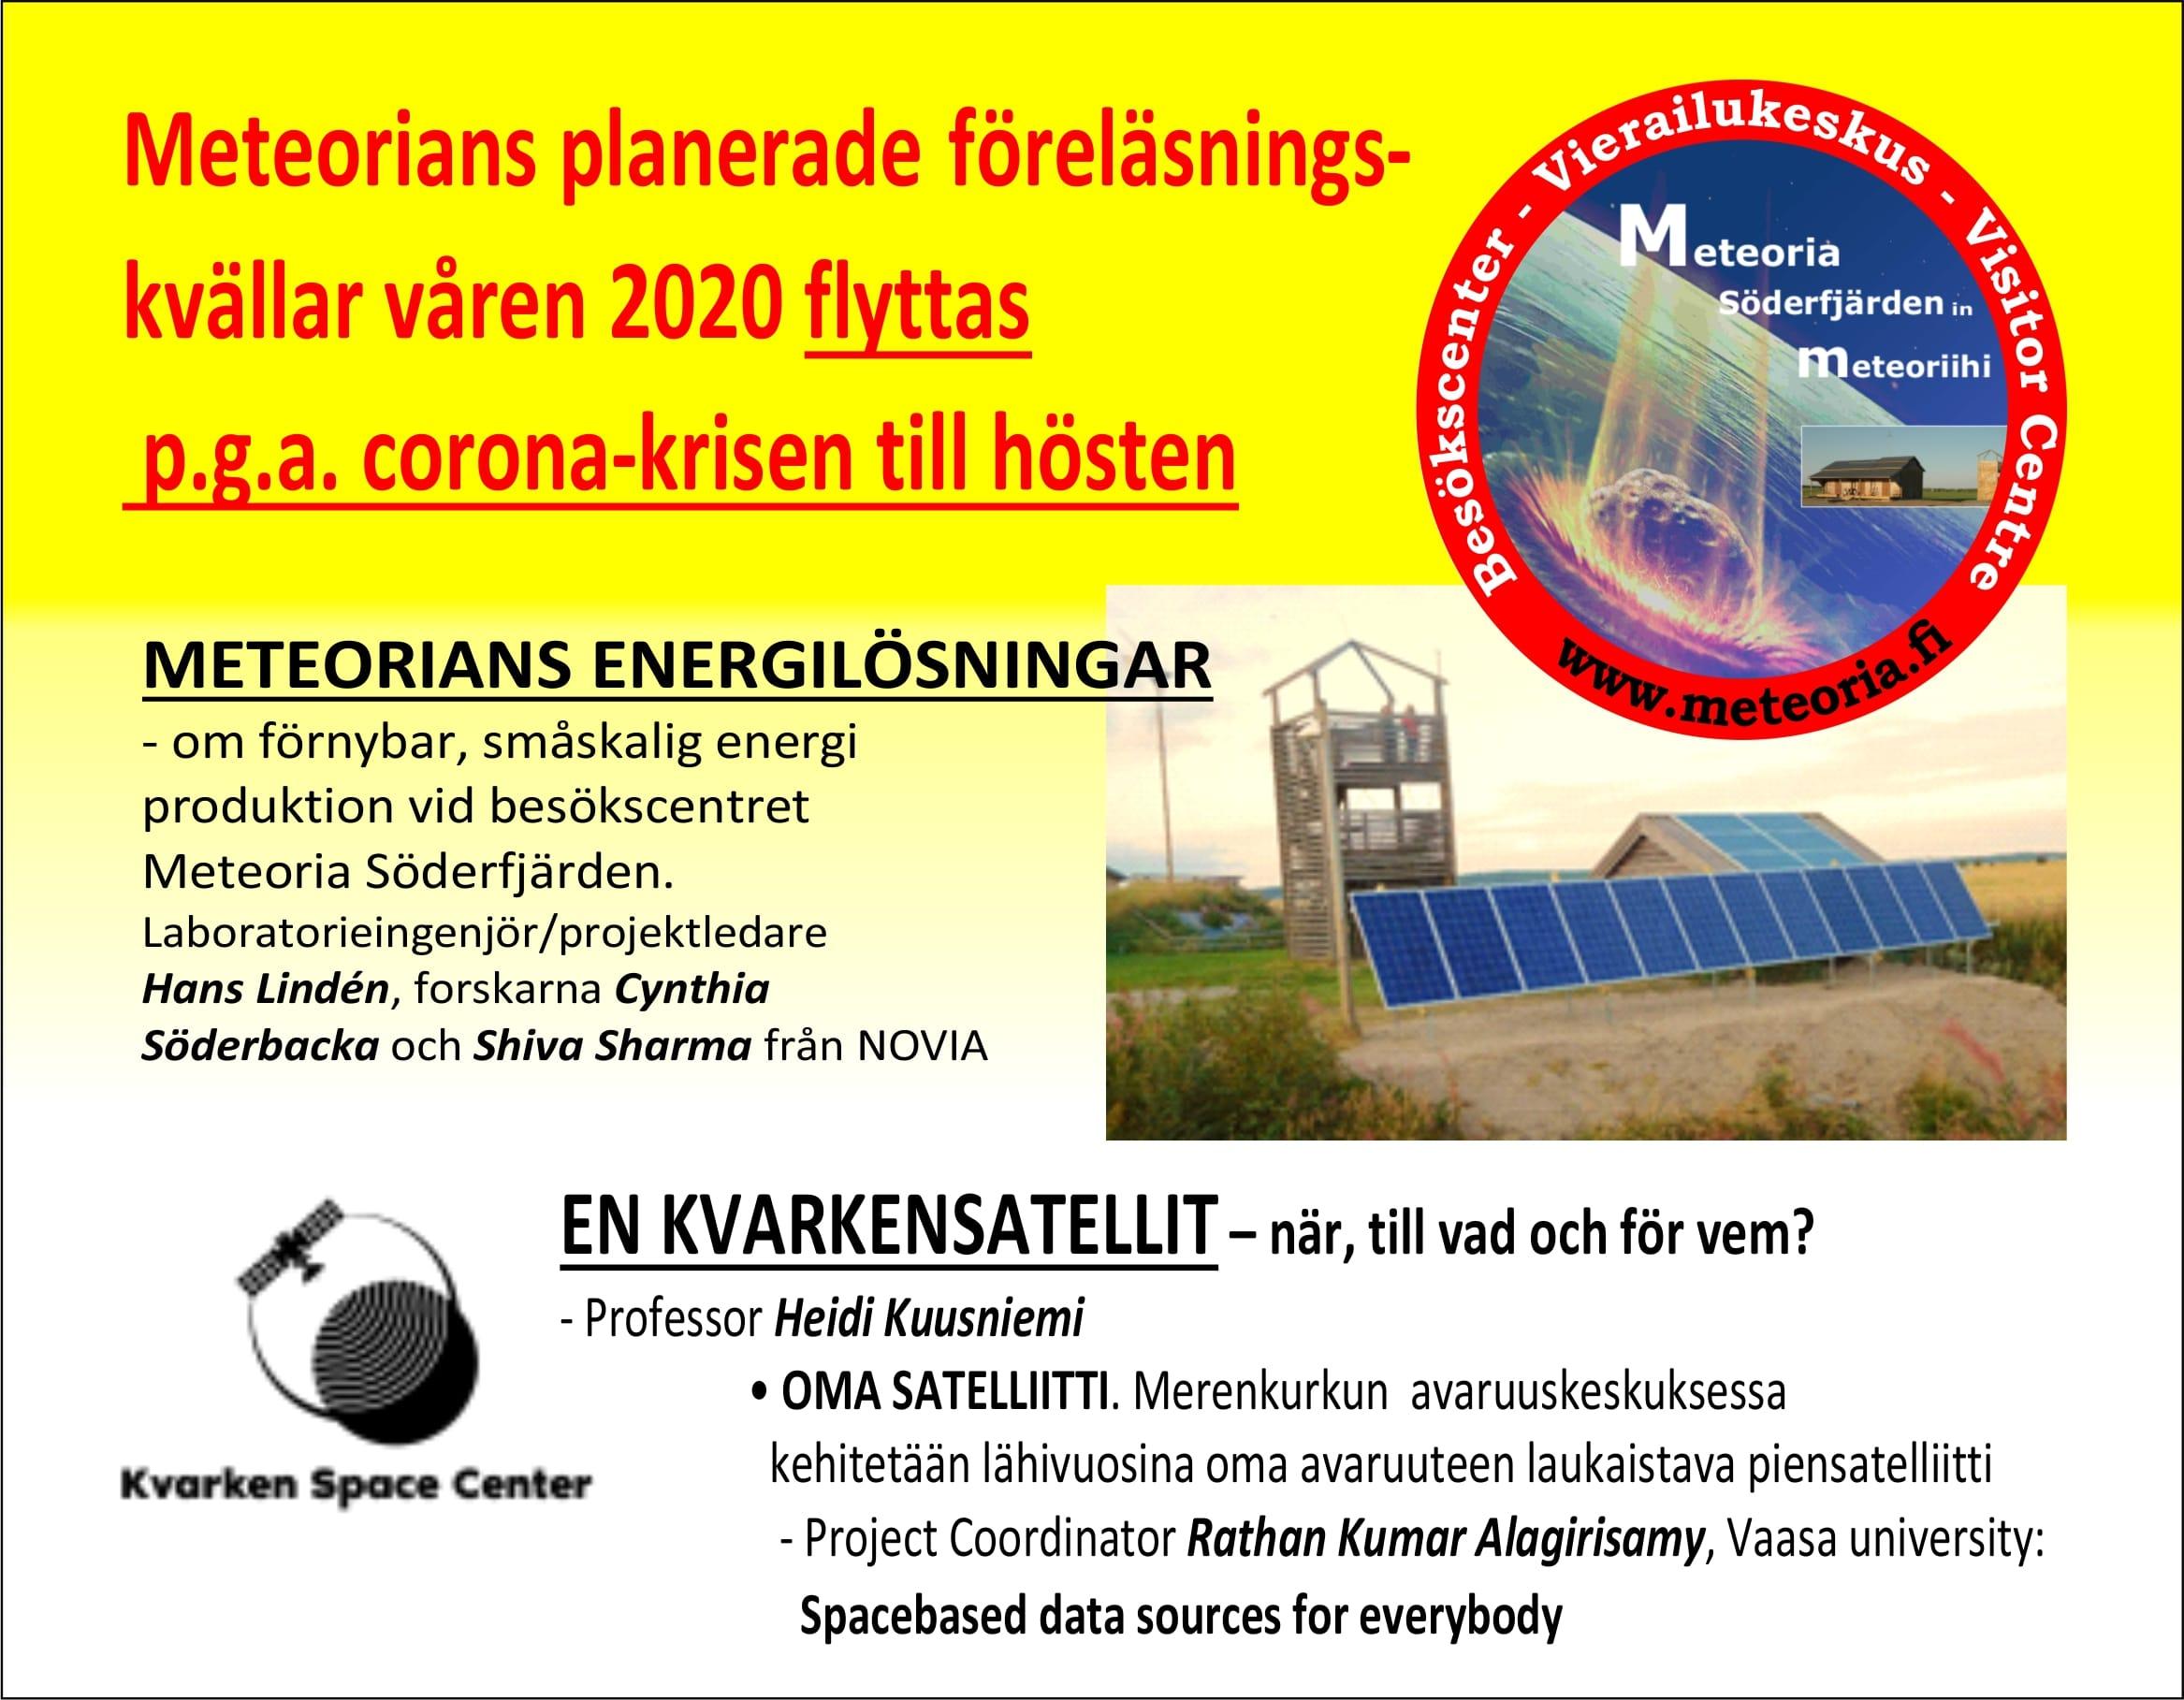 Meteoria föreläsningar till hösten 2020.jpg